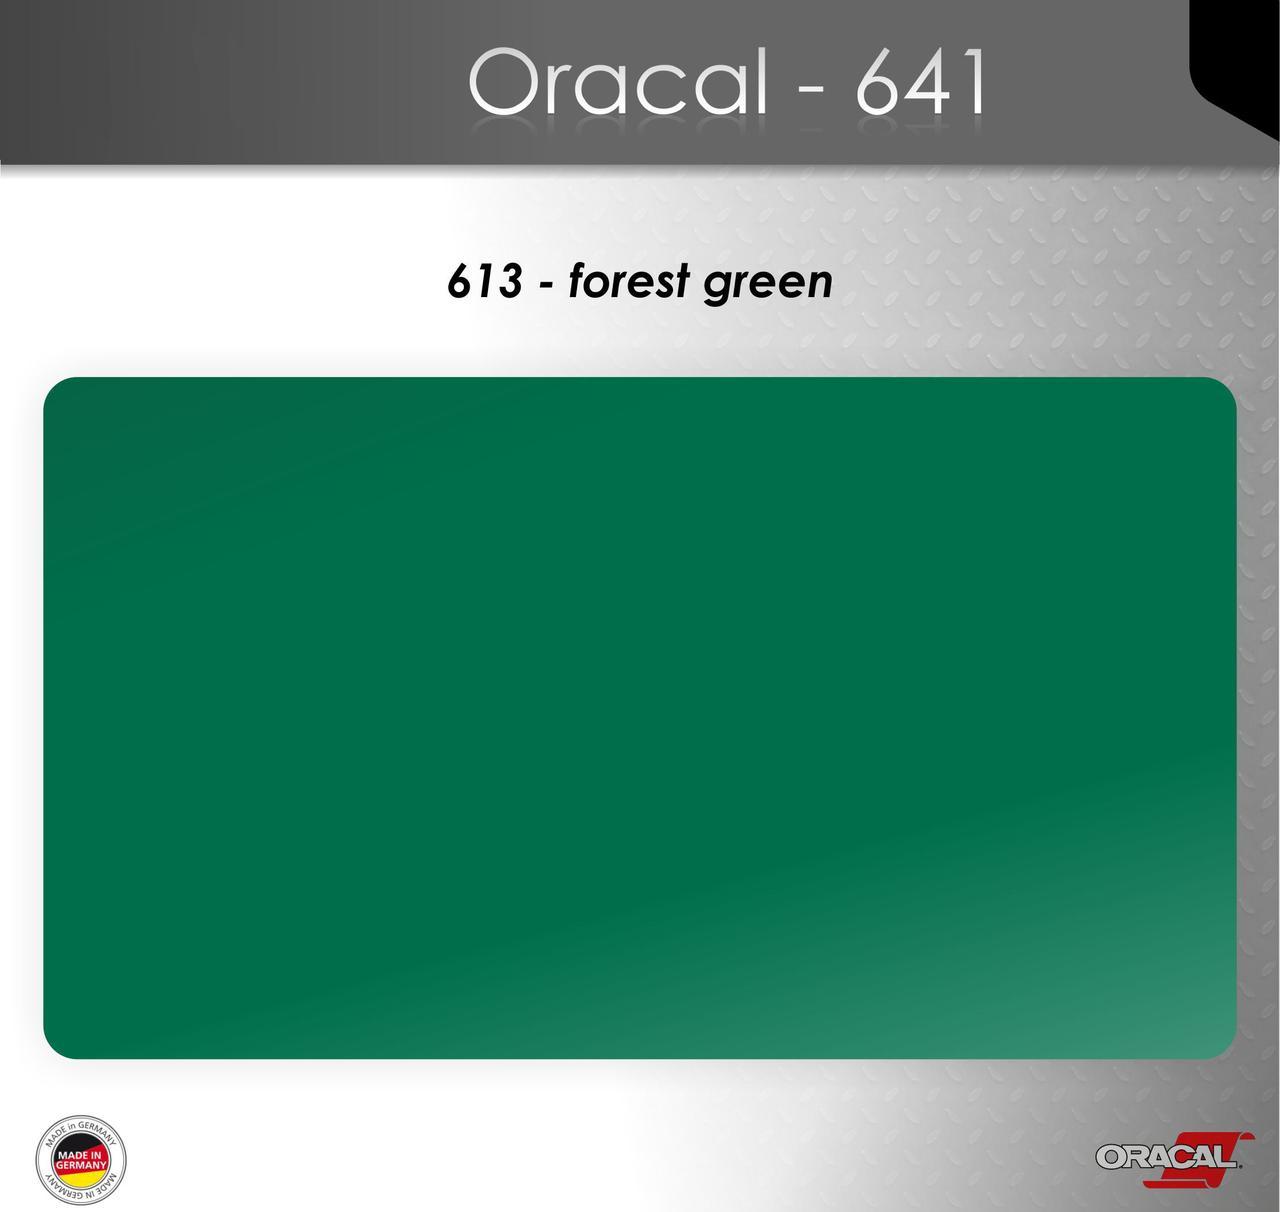 Пленка Оракал 641/зеленый лесной  (613)